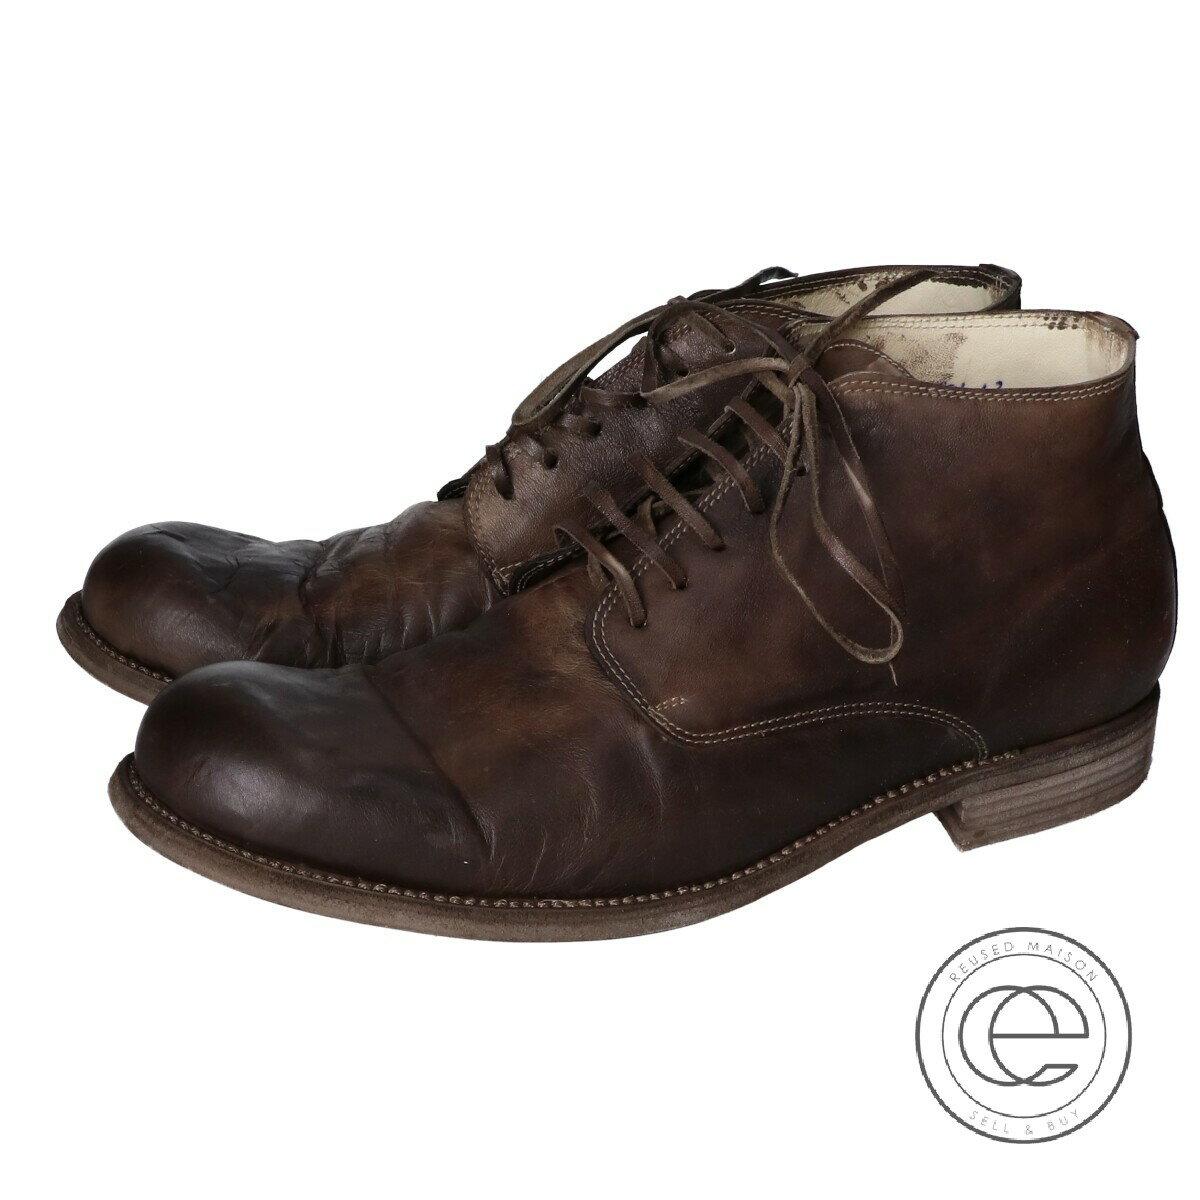 ブーツ, チャッカ Guidi 689 43